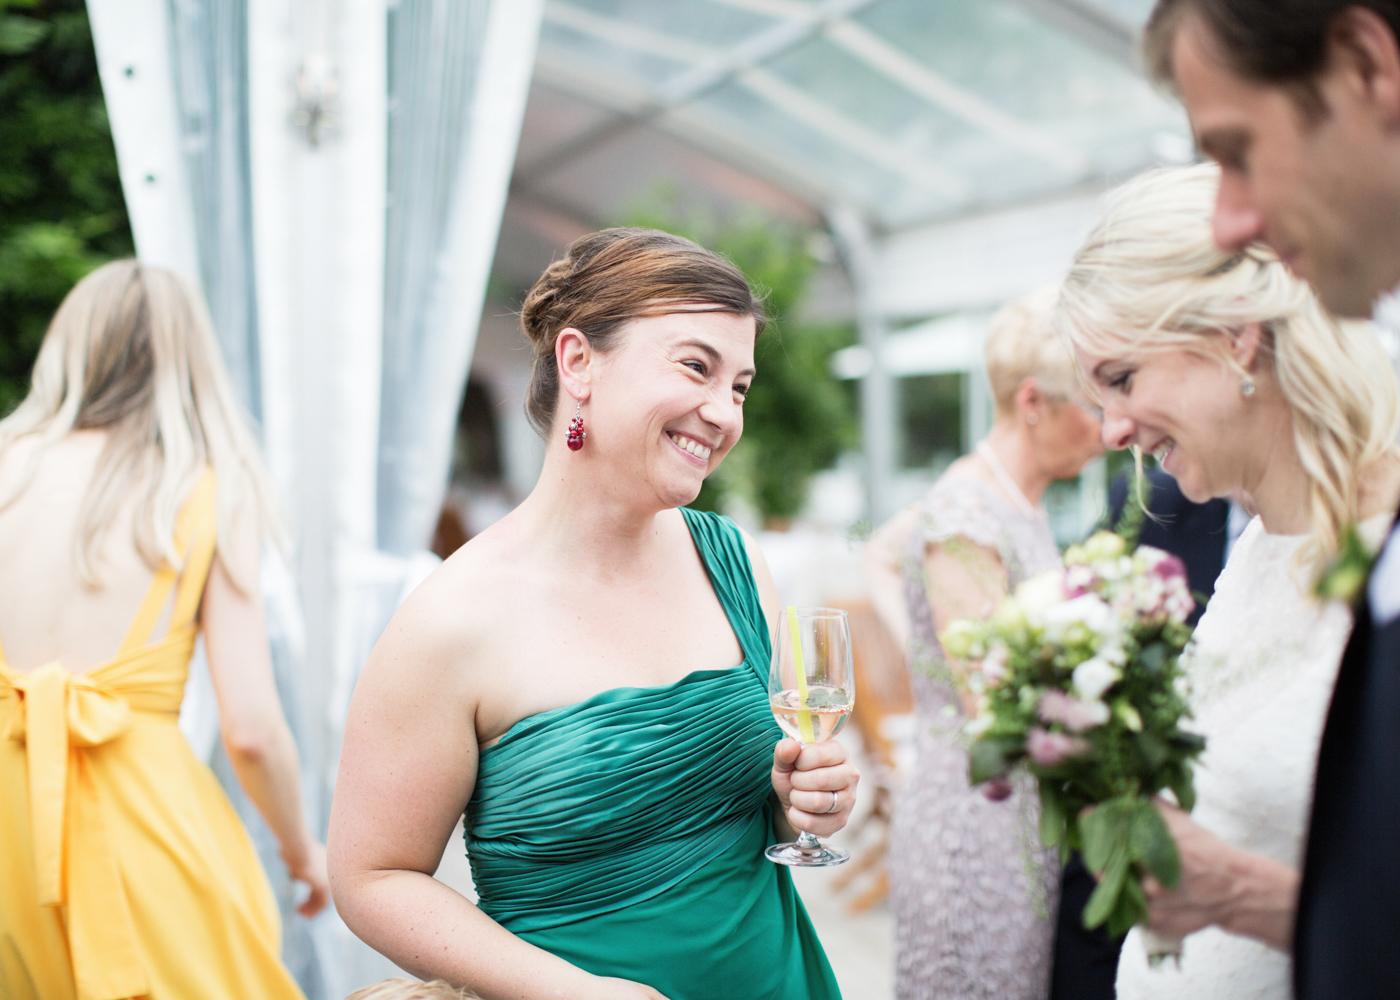 Hochzeitsreportage_Kiesendahl_ClaudiaundWolf_Blog_062.jpg